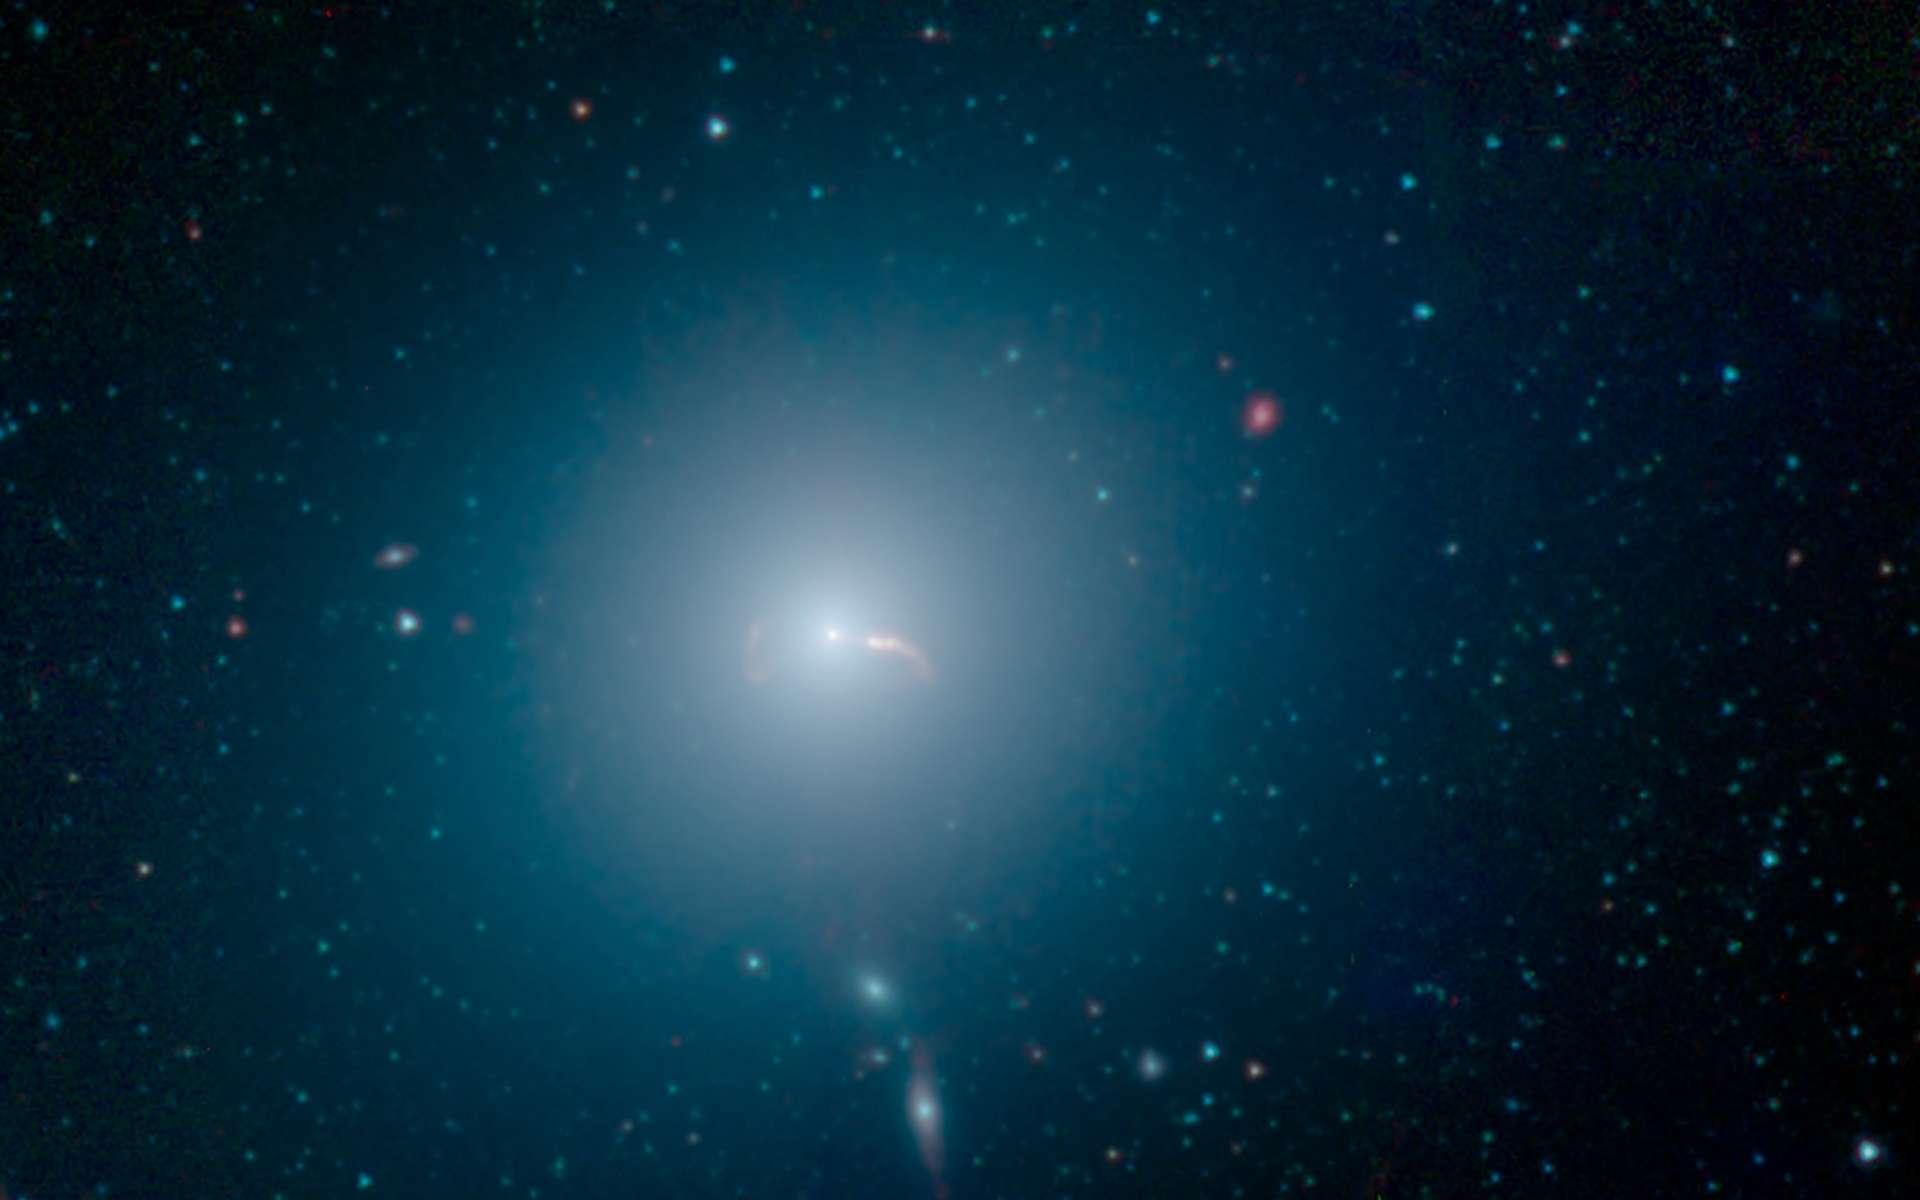 En plein cœur de la galaxie massive M87, un trou noir supermassif de 6,5 milliards de masses solaires. Sur cette image composite capturée dans plusieurs longueurs dans l'infrarouge par le télescope spatial Spitzer, on aperçoit ses jets de particules propulsés à travers la galaxie. © Nasa, JPL-Caltech, IPAC, Event Horizon